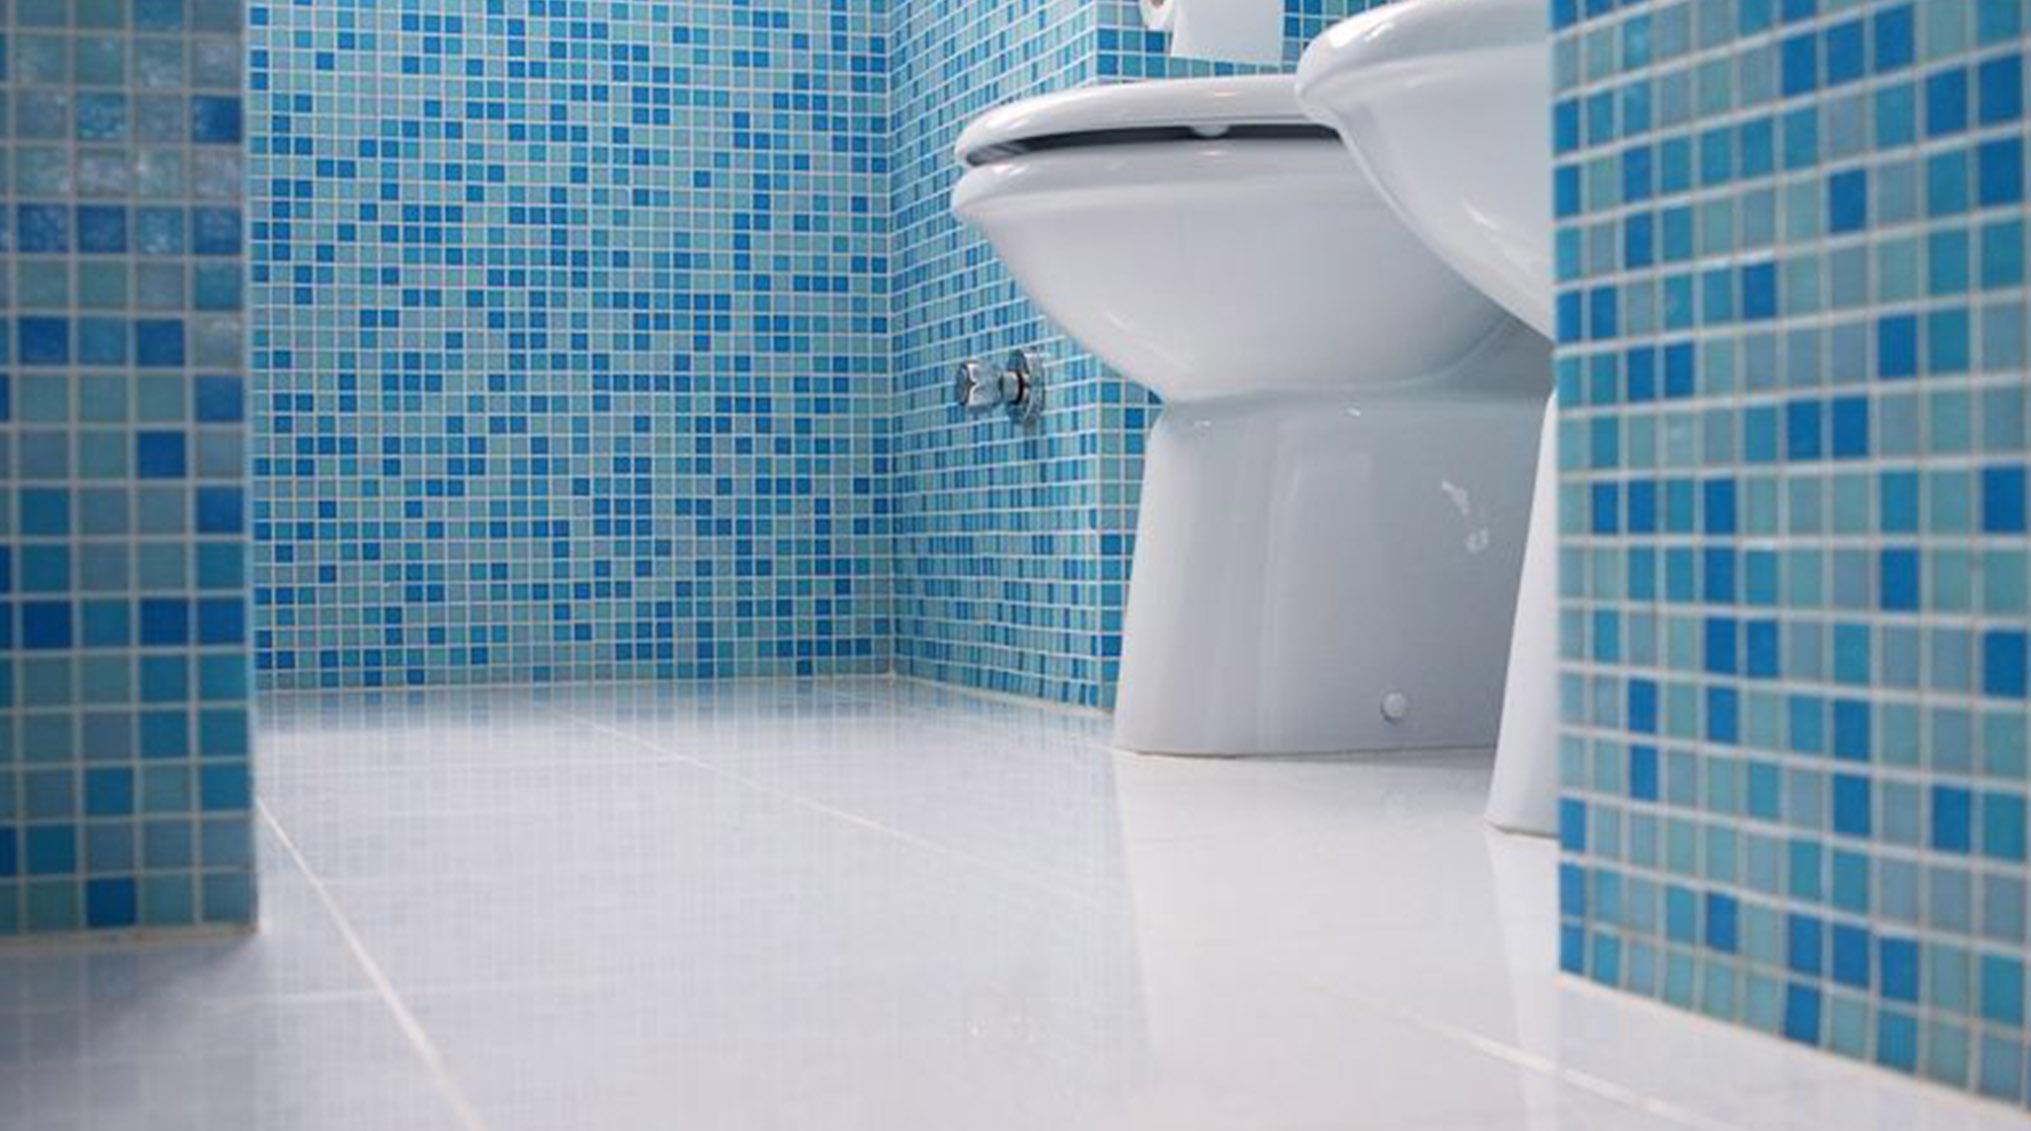 بهترین روش تمیز کردن کاشی حمام به صورت سطحی و عمقی